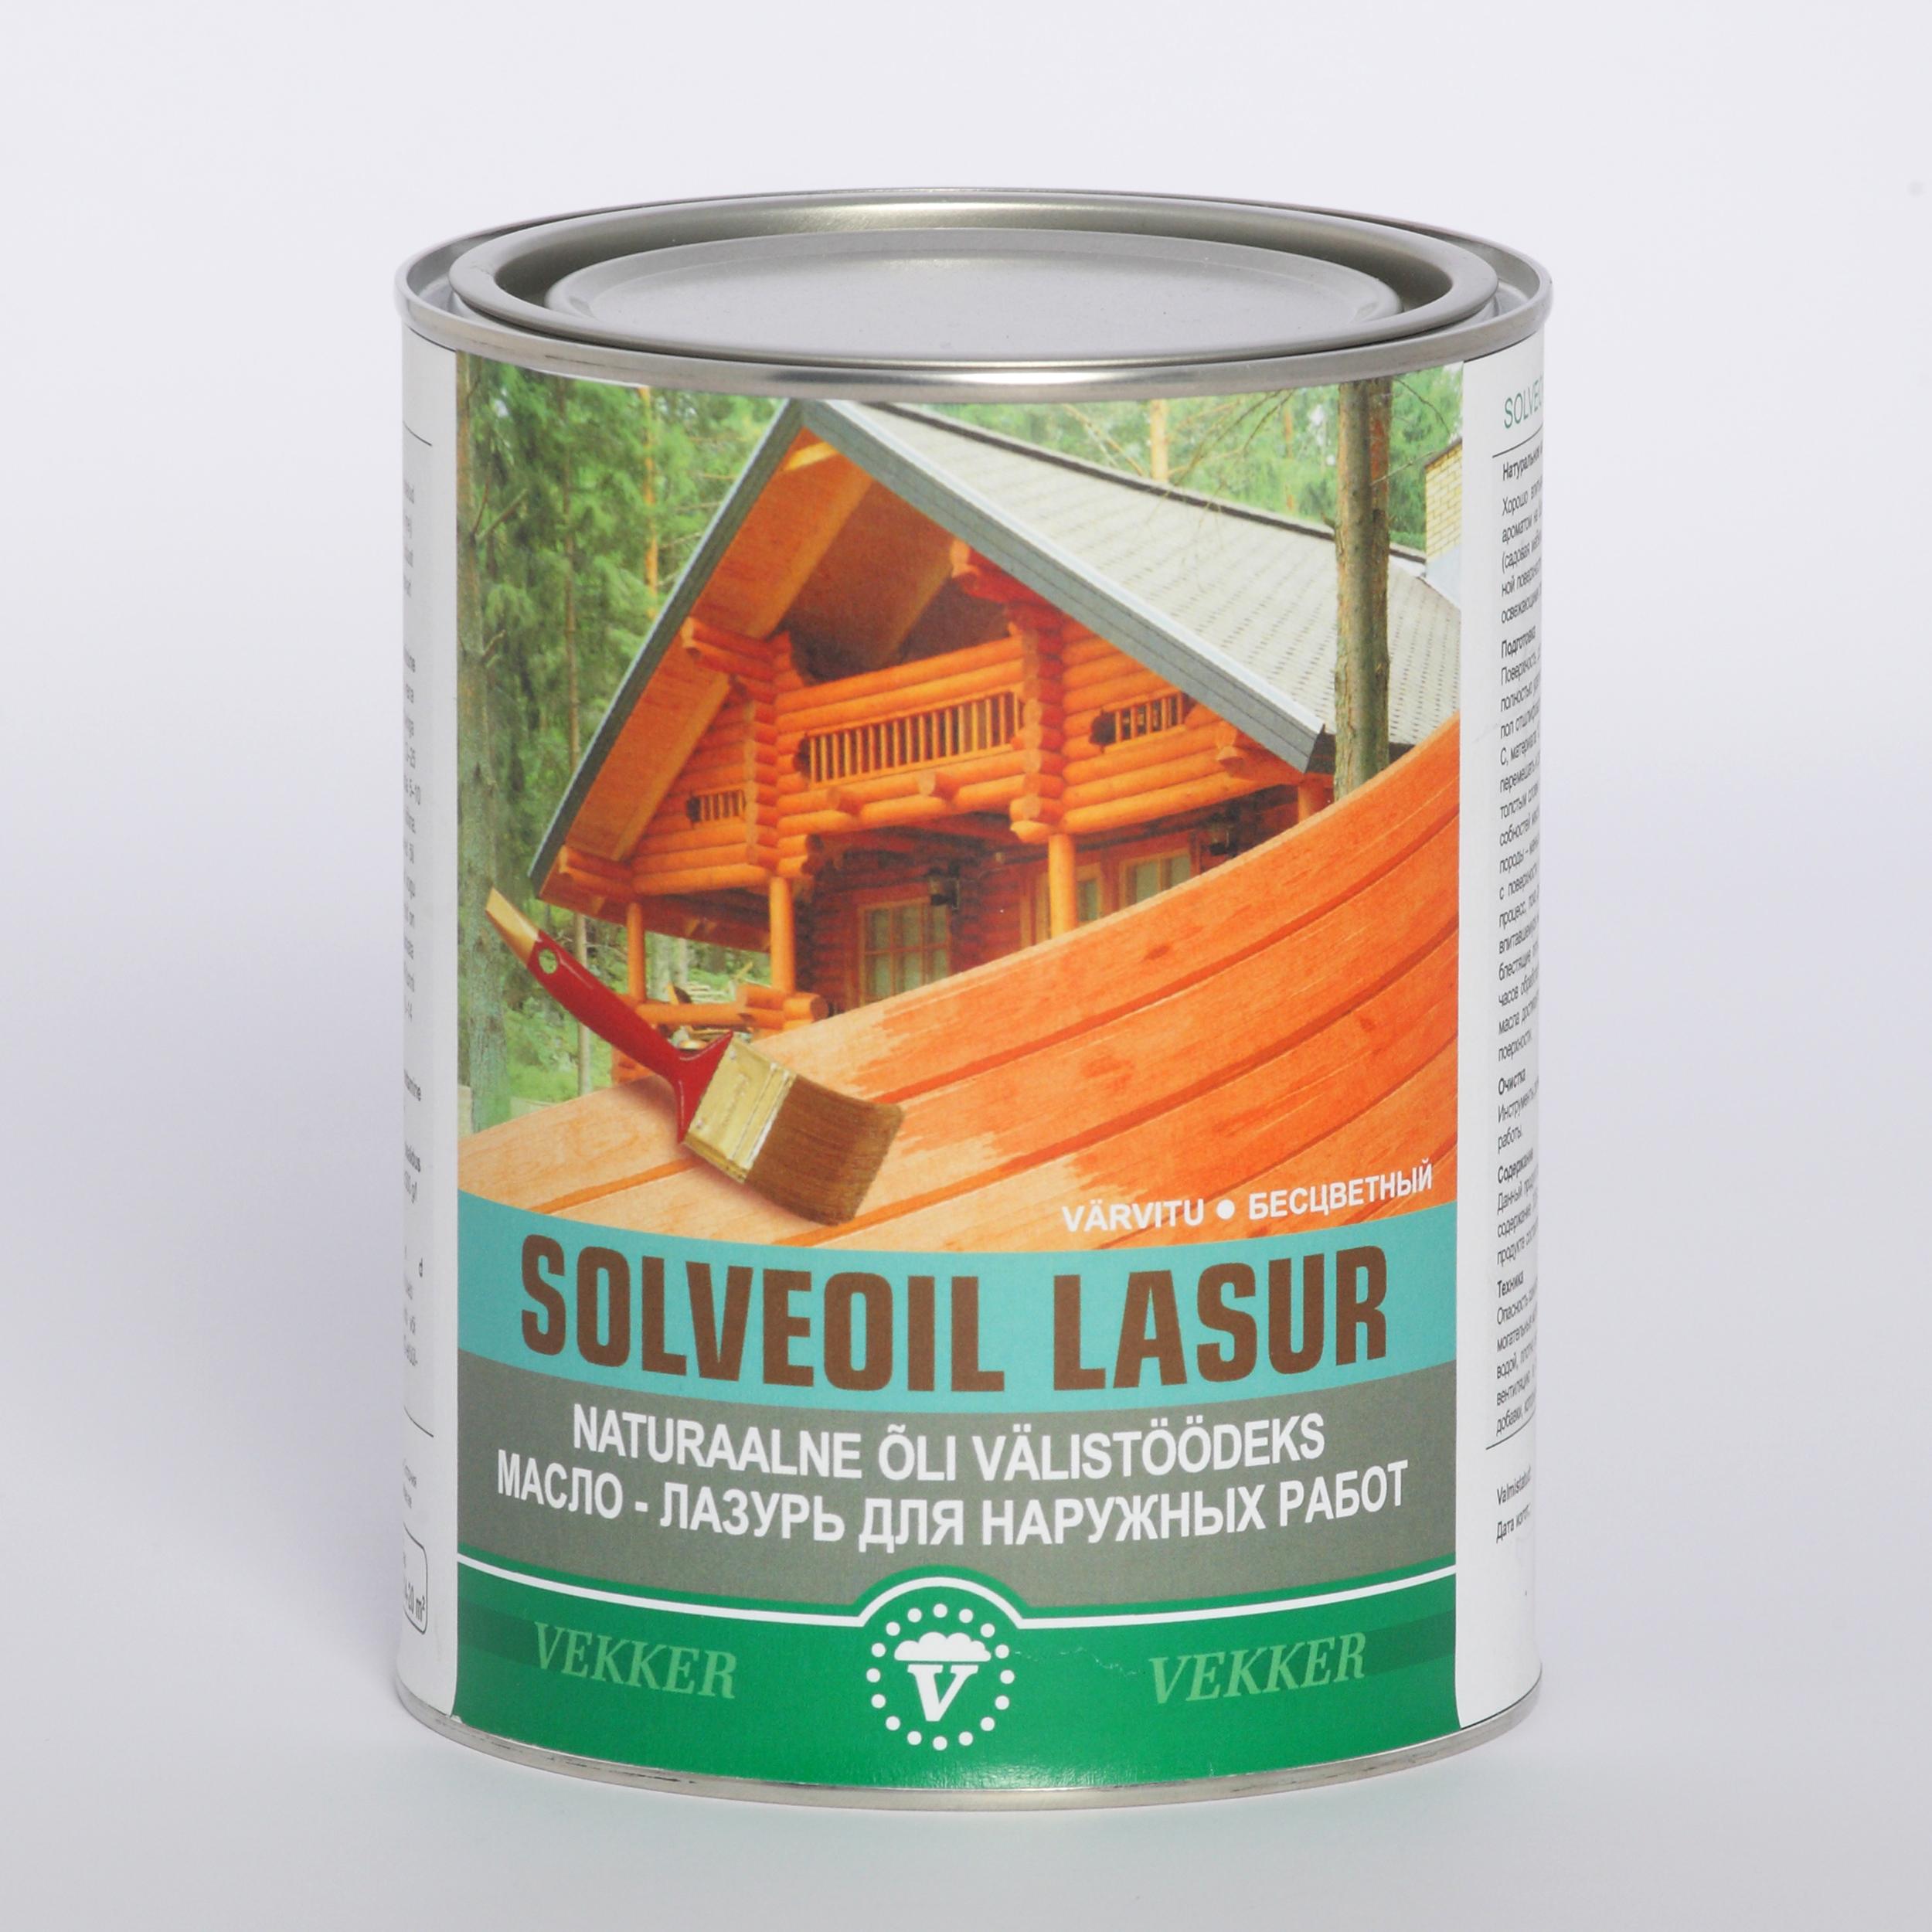 Solveoil Lasur